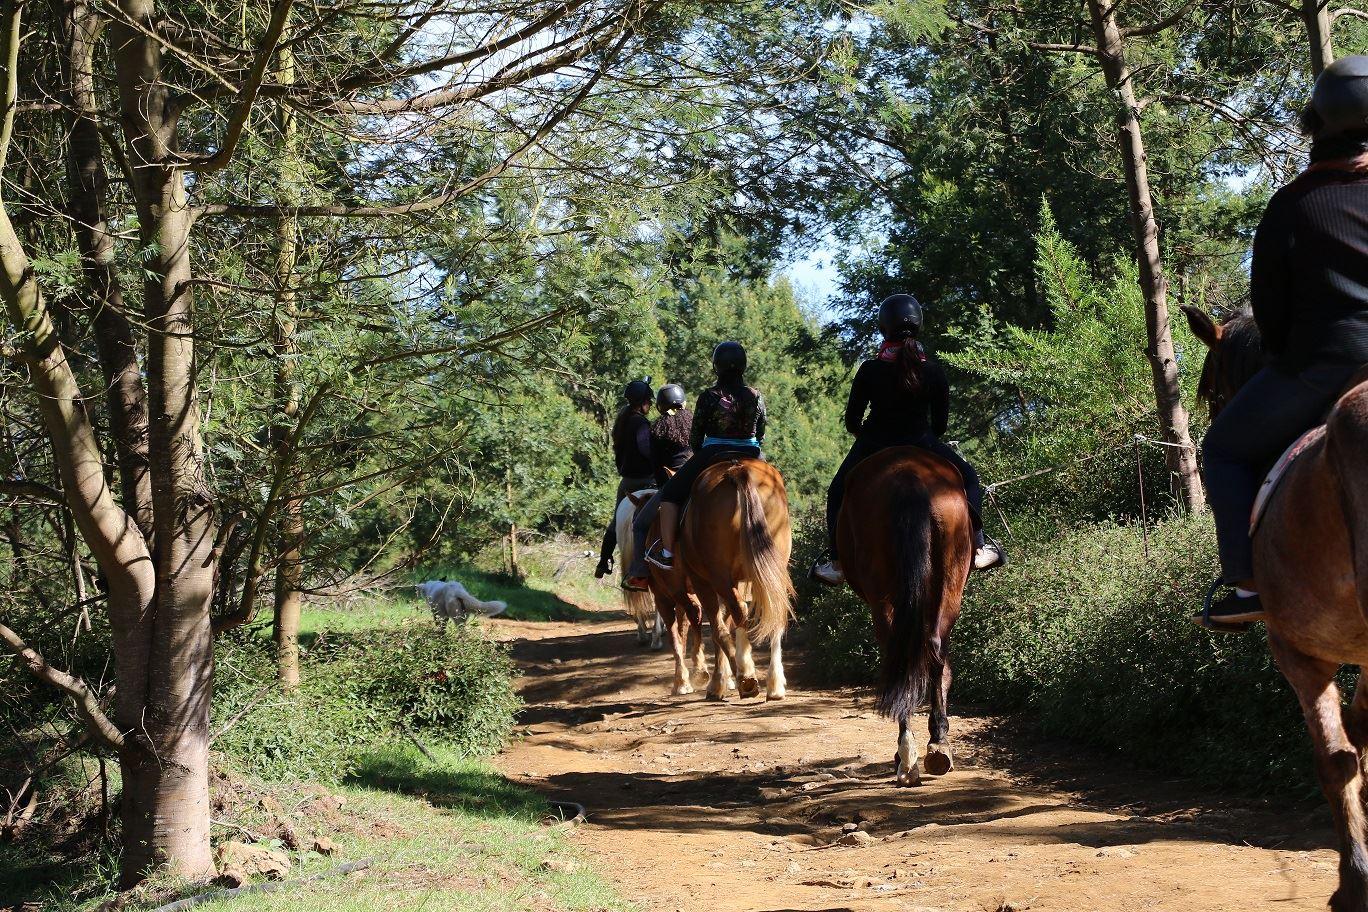 Zarlor détente chevauchées dans l'Ouest - La quiétude des Hauts de l'Ouest